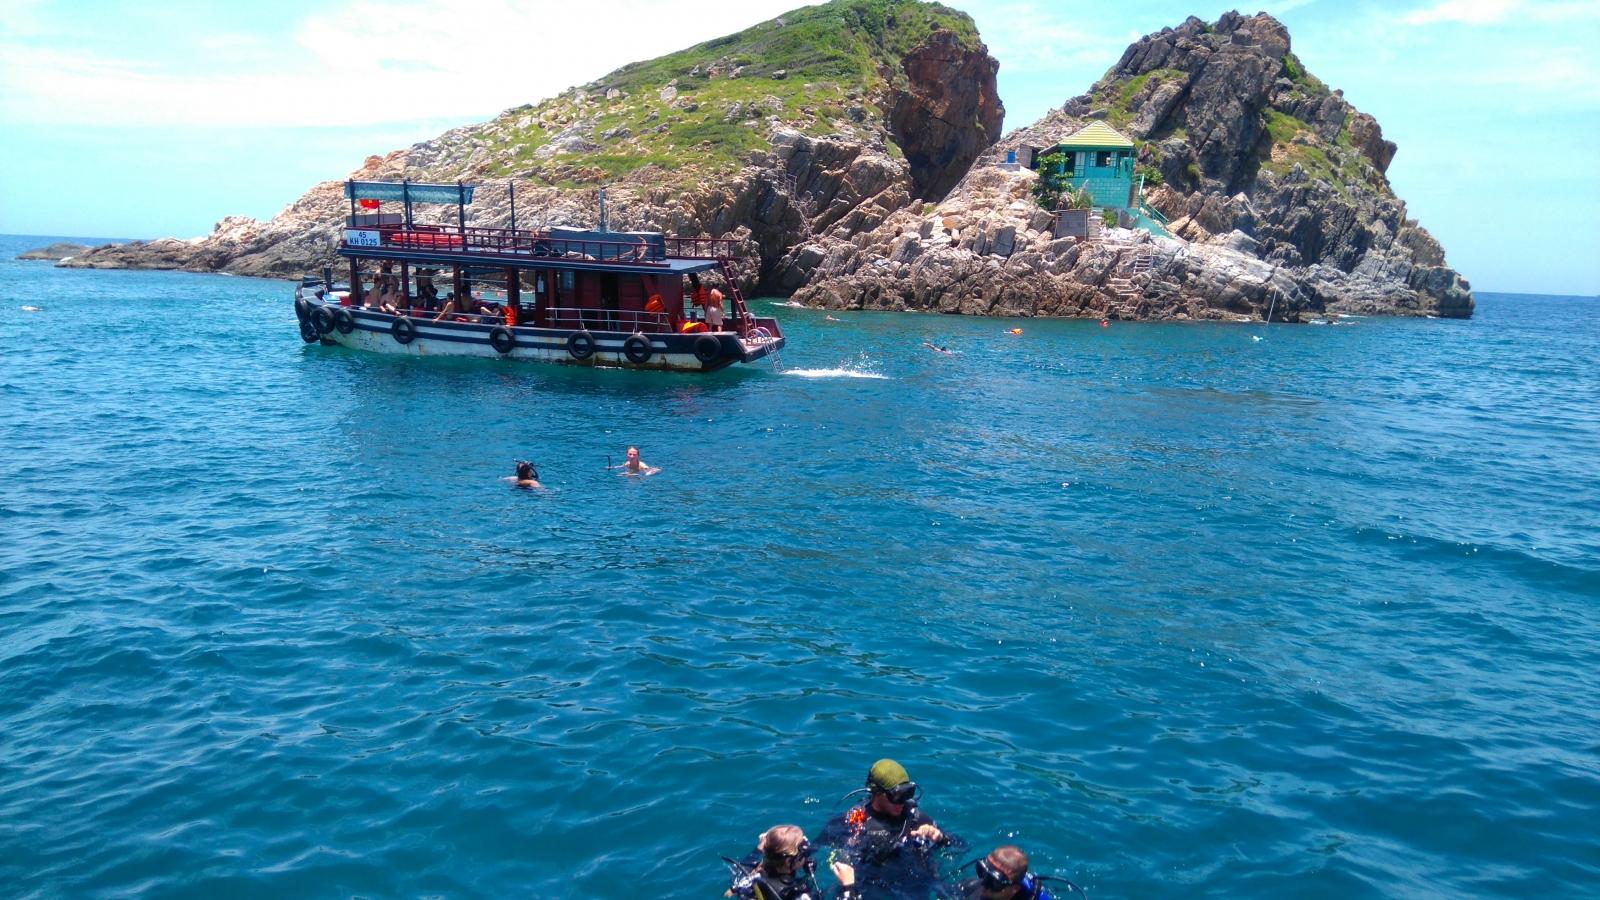 Du lịch Nha Trang - Đảo Hòn Mun